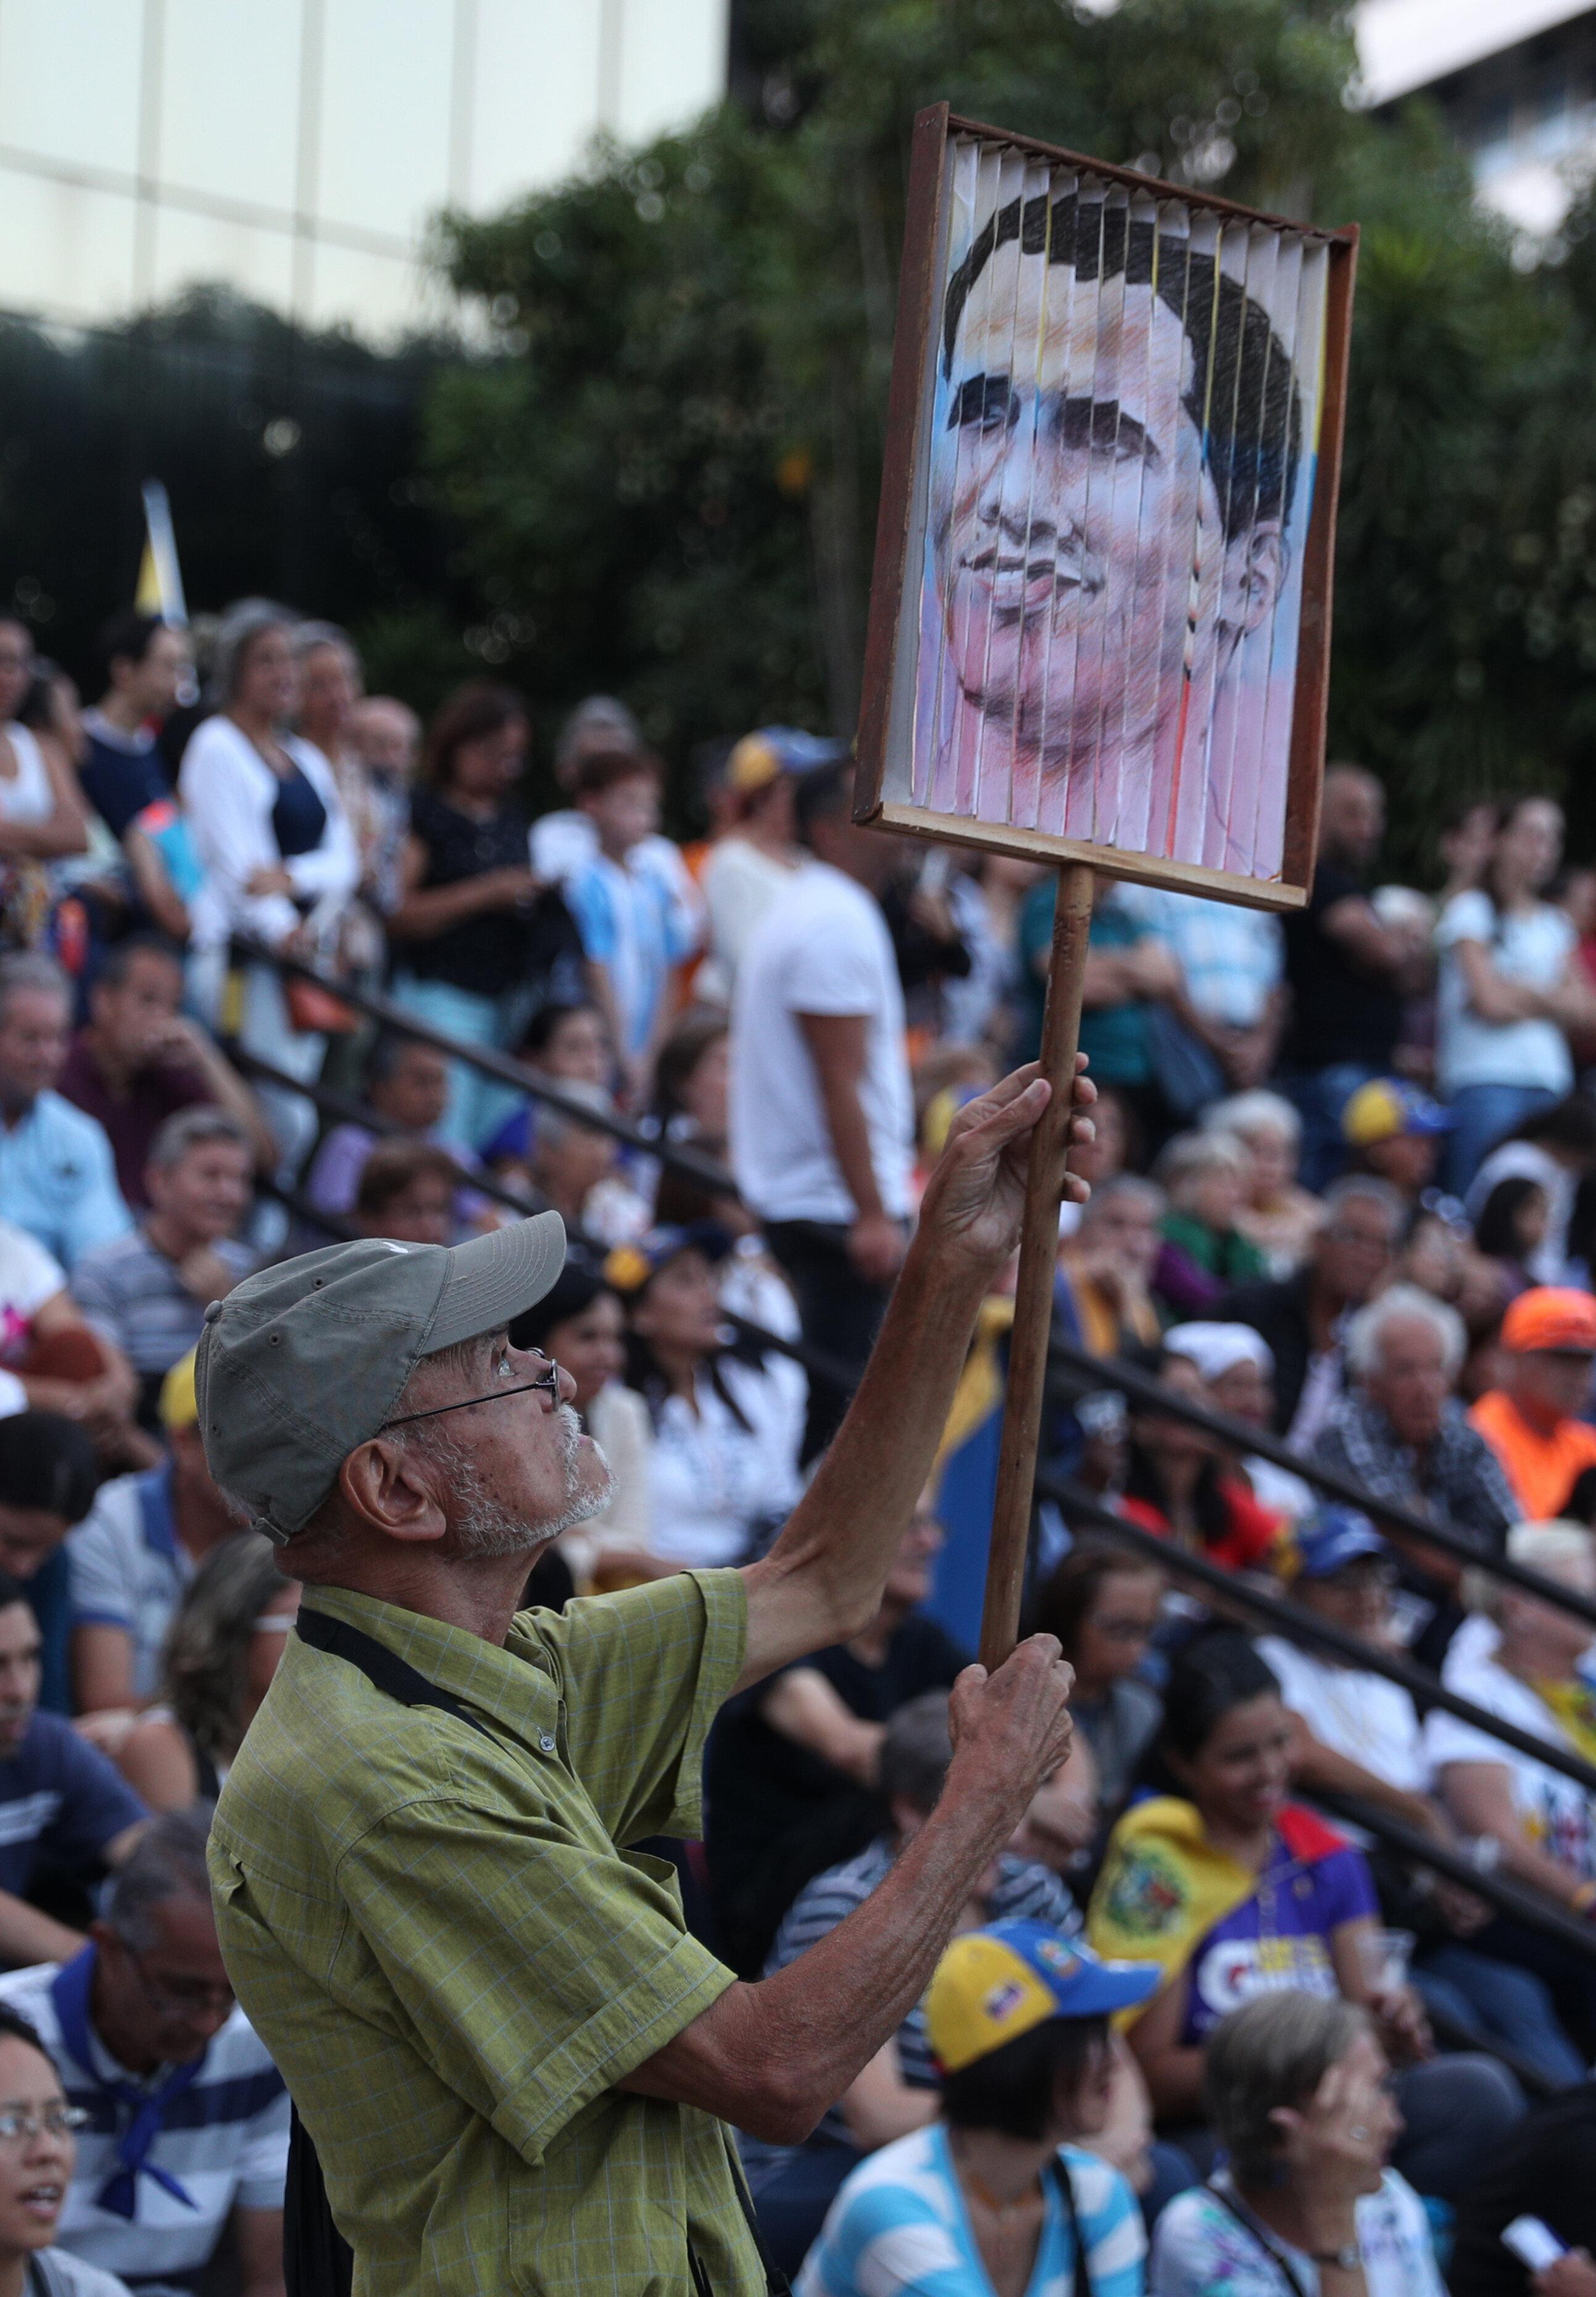 Βενεζουέλα: Ο Γκουαϊντό αντιμέτωπος με την κόπωση του κινήματος κατά του